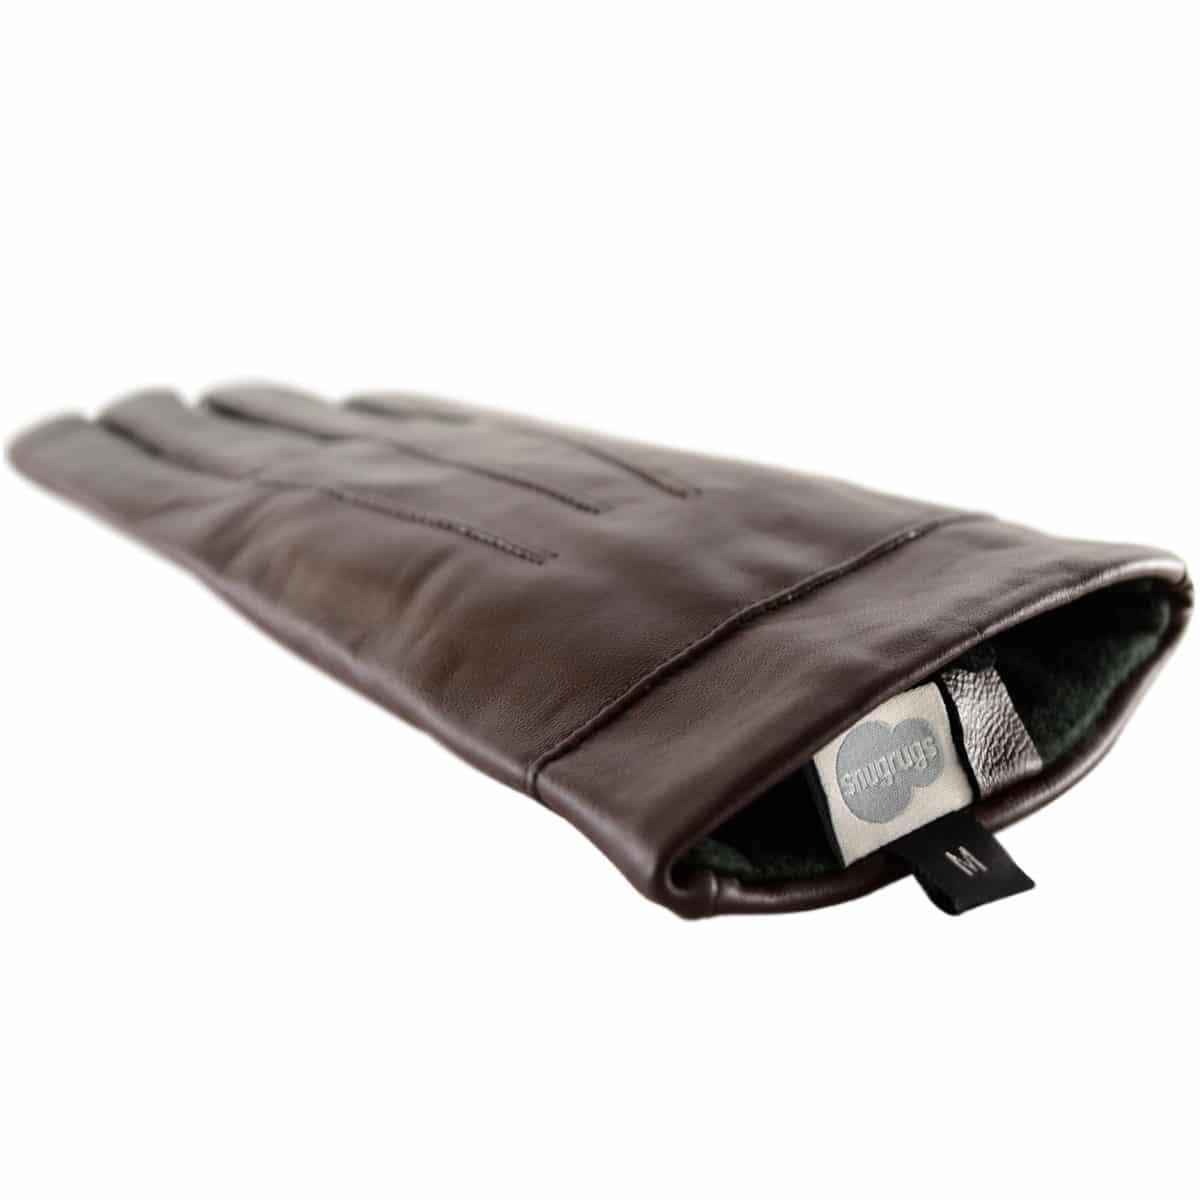 Mavis - Leather Gloves Three Point Stitch - Brown